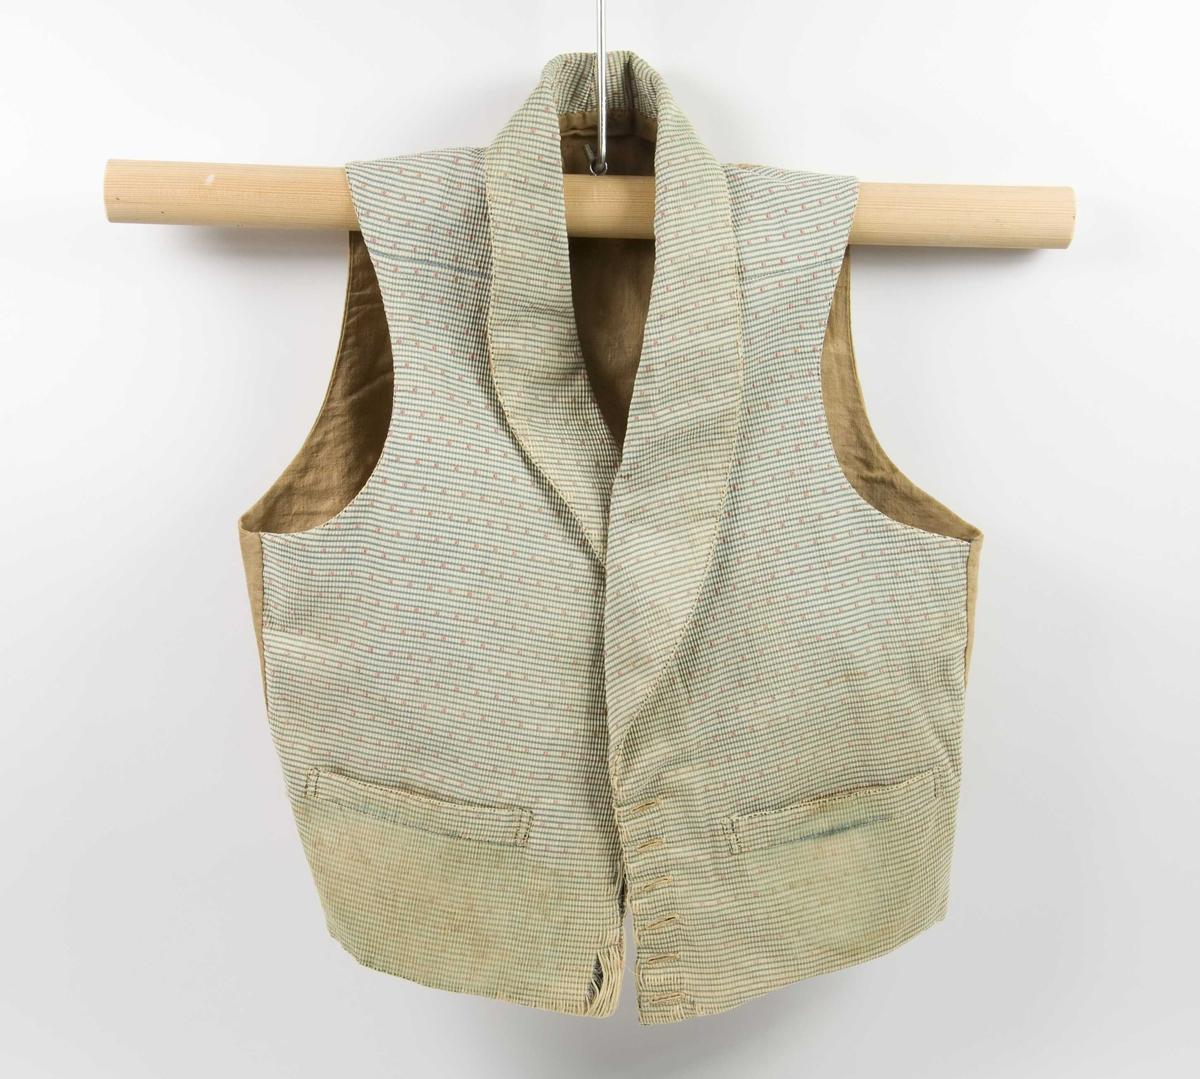 Håndsydd mannsvest av silke med ryggstykke og fôr av bomull. Vesten har nedbrettet sjalskrage og to sidelommer. rester av snøring i ryggen. Enkelspent med syv knapphull, mangler knapper. Forstykkene danner en spiss midt foran.